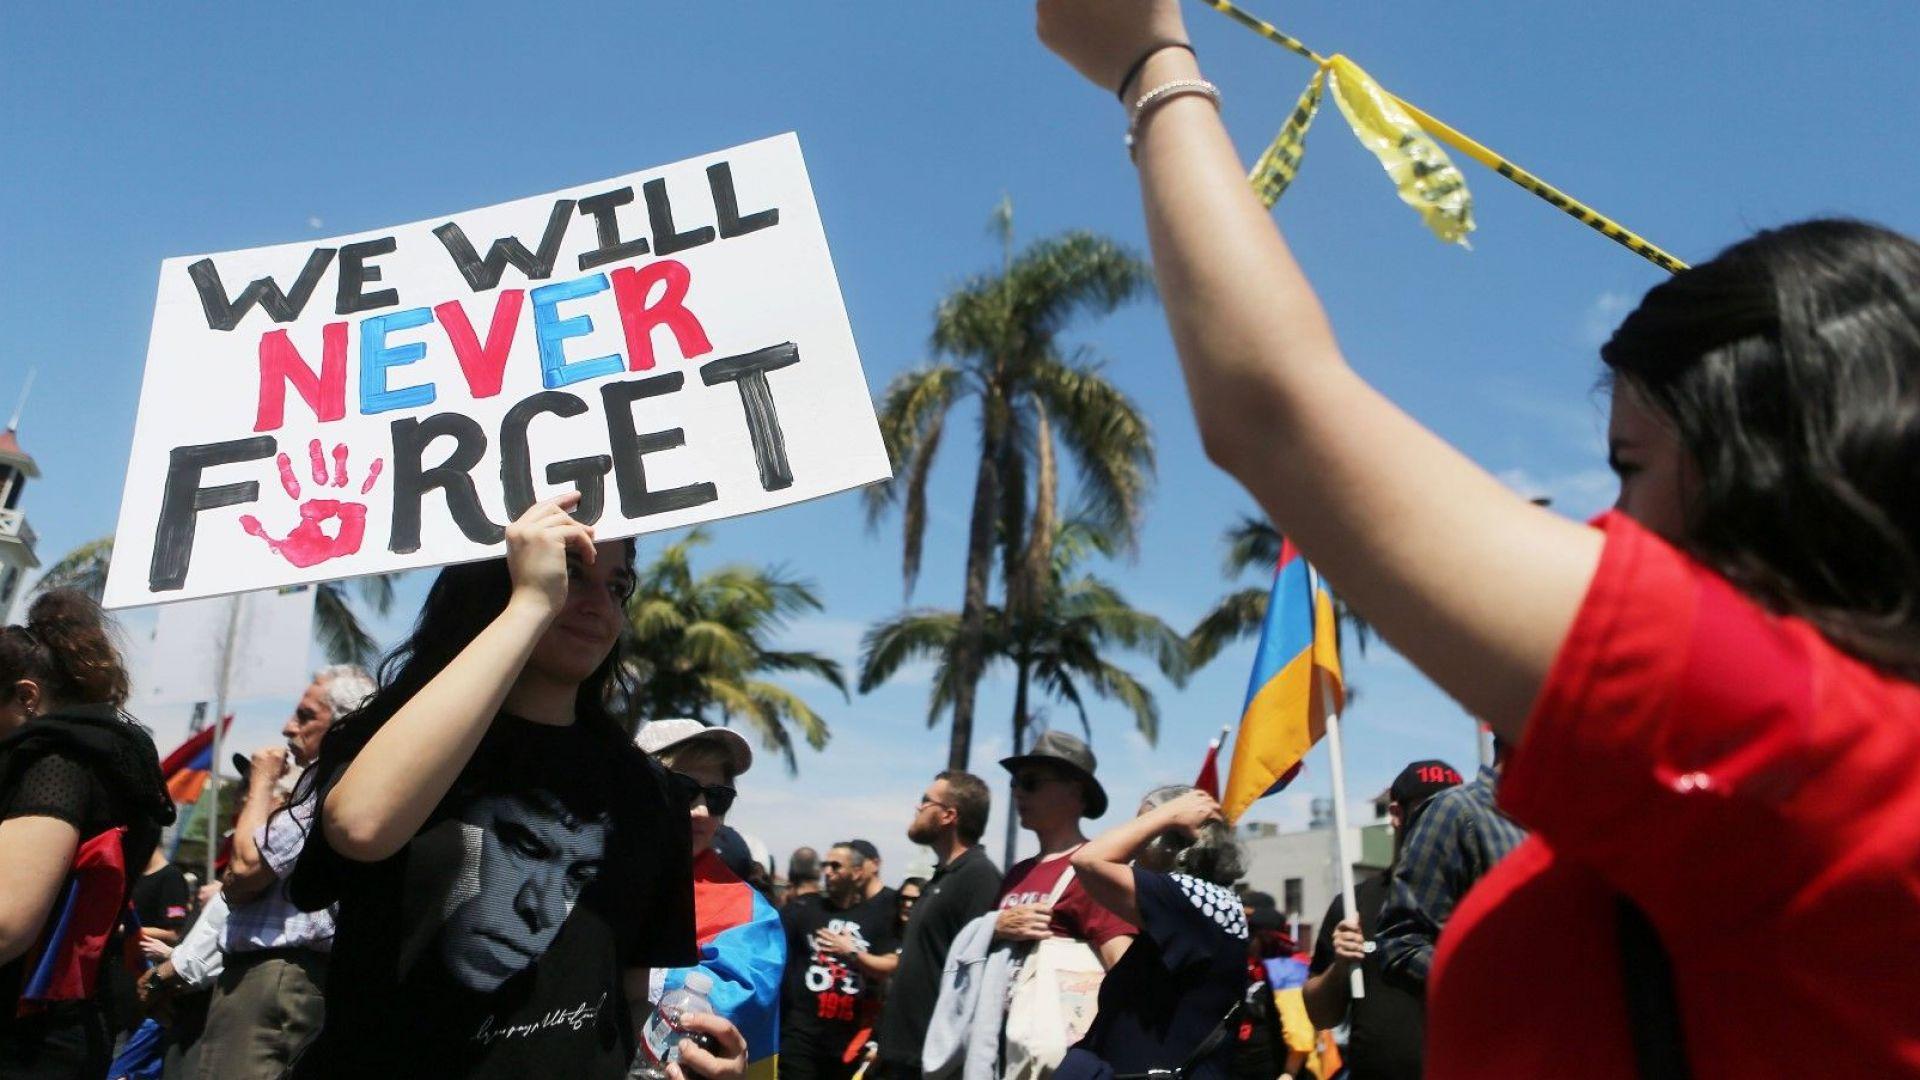 US Конгресът нарече масовото избиване на арменци геноцид и наложи жестоки санкции срещу Турция